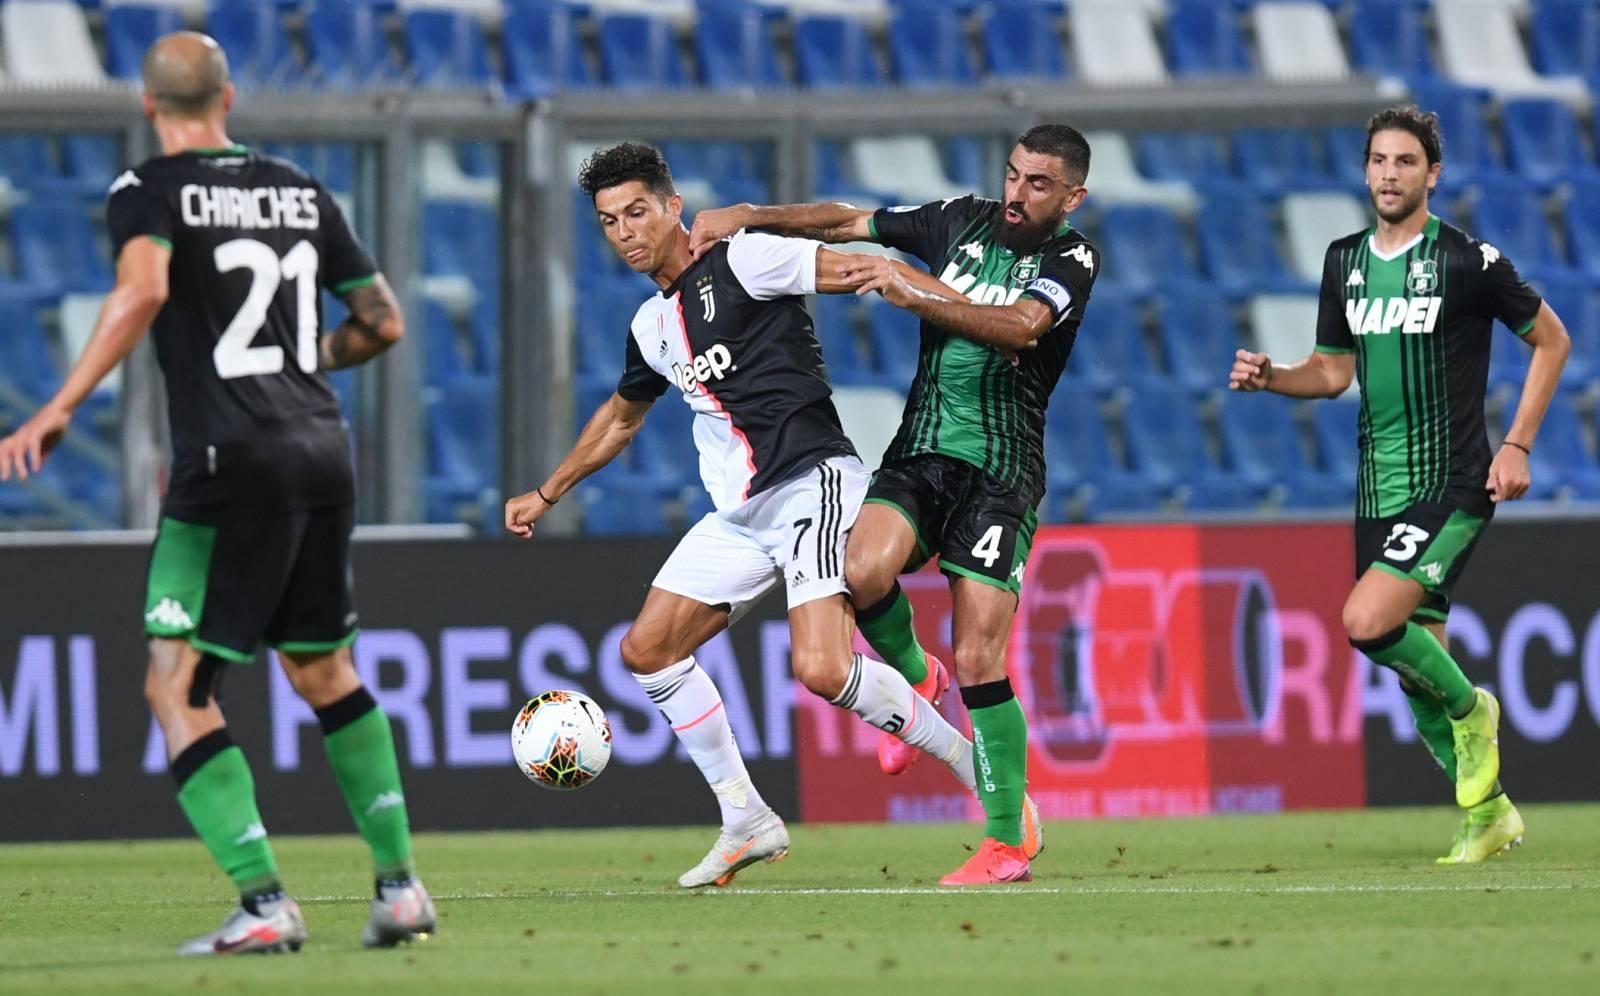 Serie A - U.S. Sassuolo v Juventus